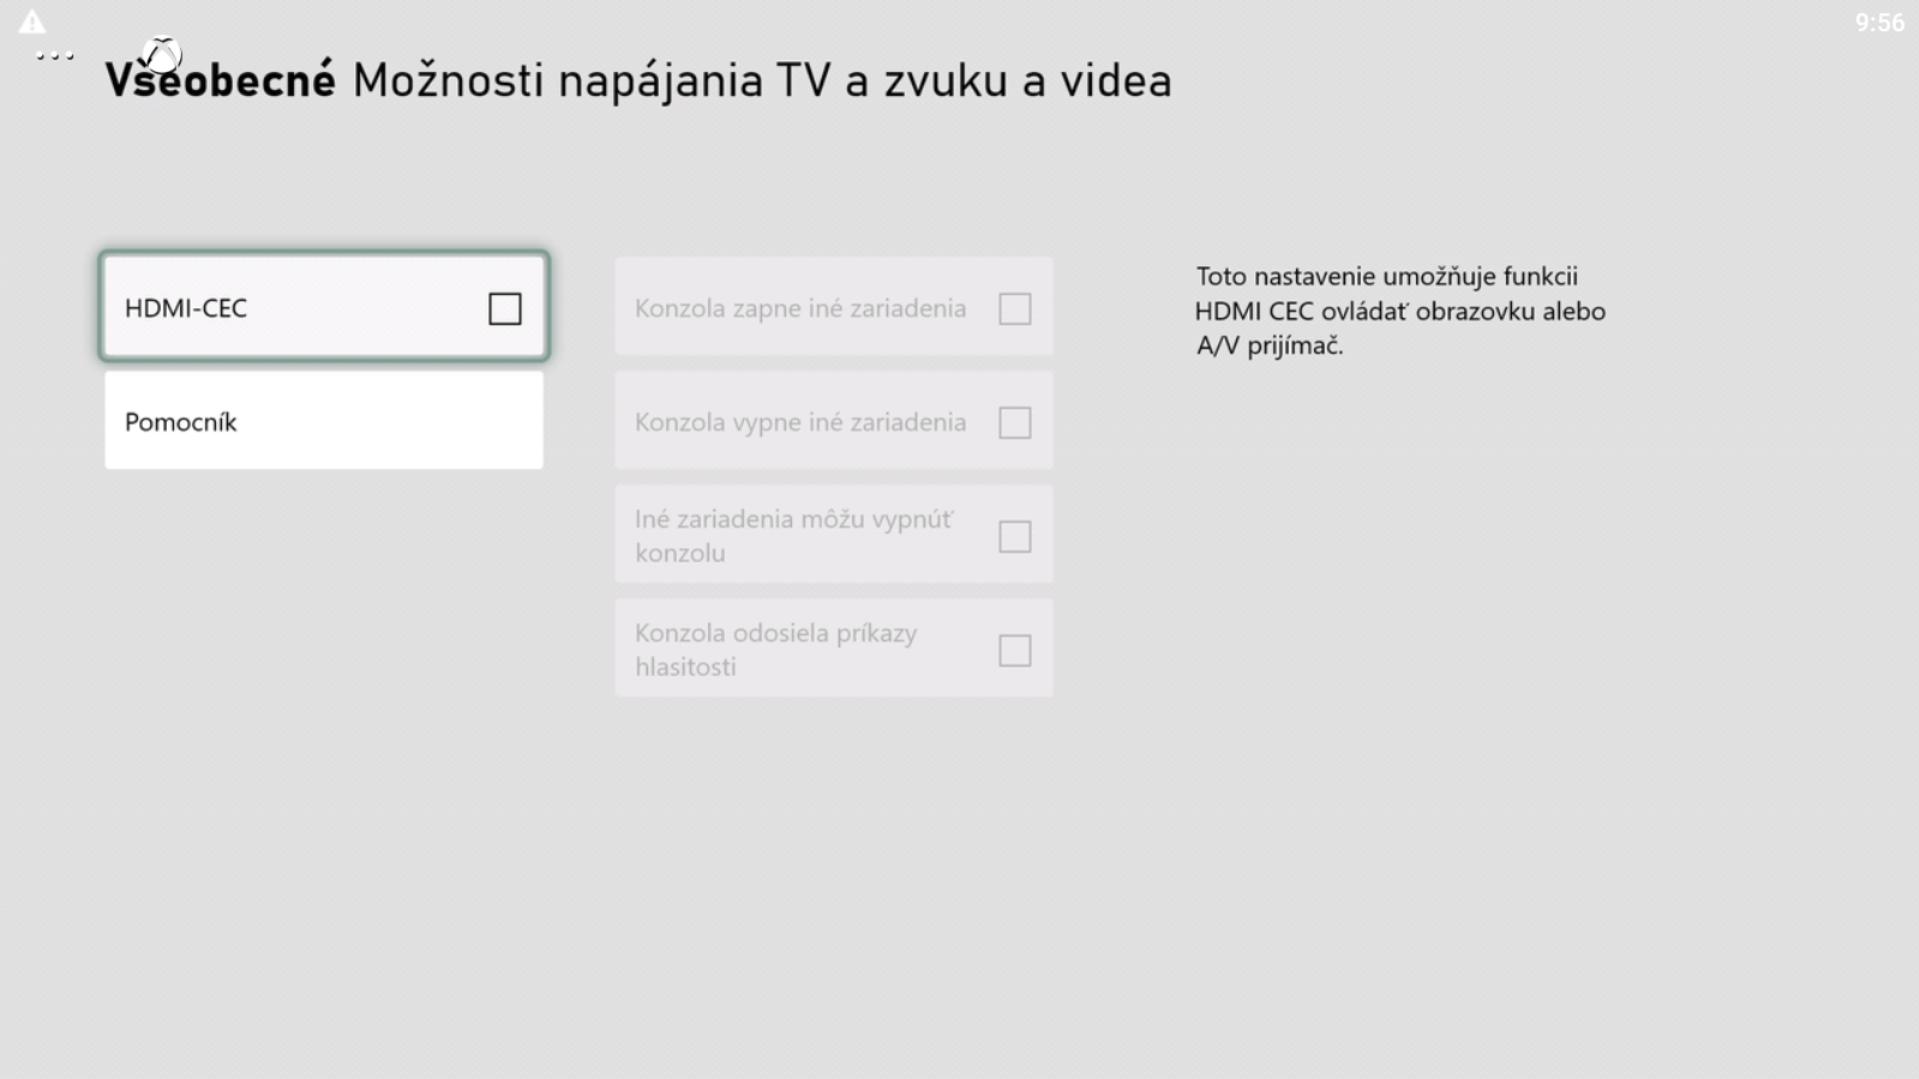 """Prejdi do sekcie """"Režim napájania a spustenie"""" a potom vyber """"Možnosti napájania TV a zvuku a videa""""."""